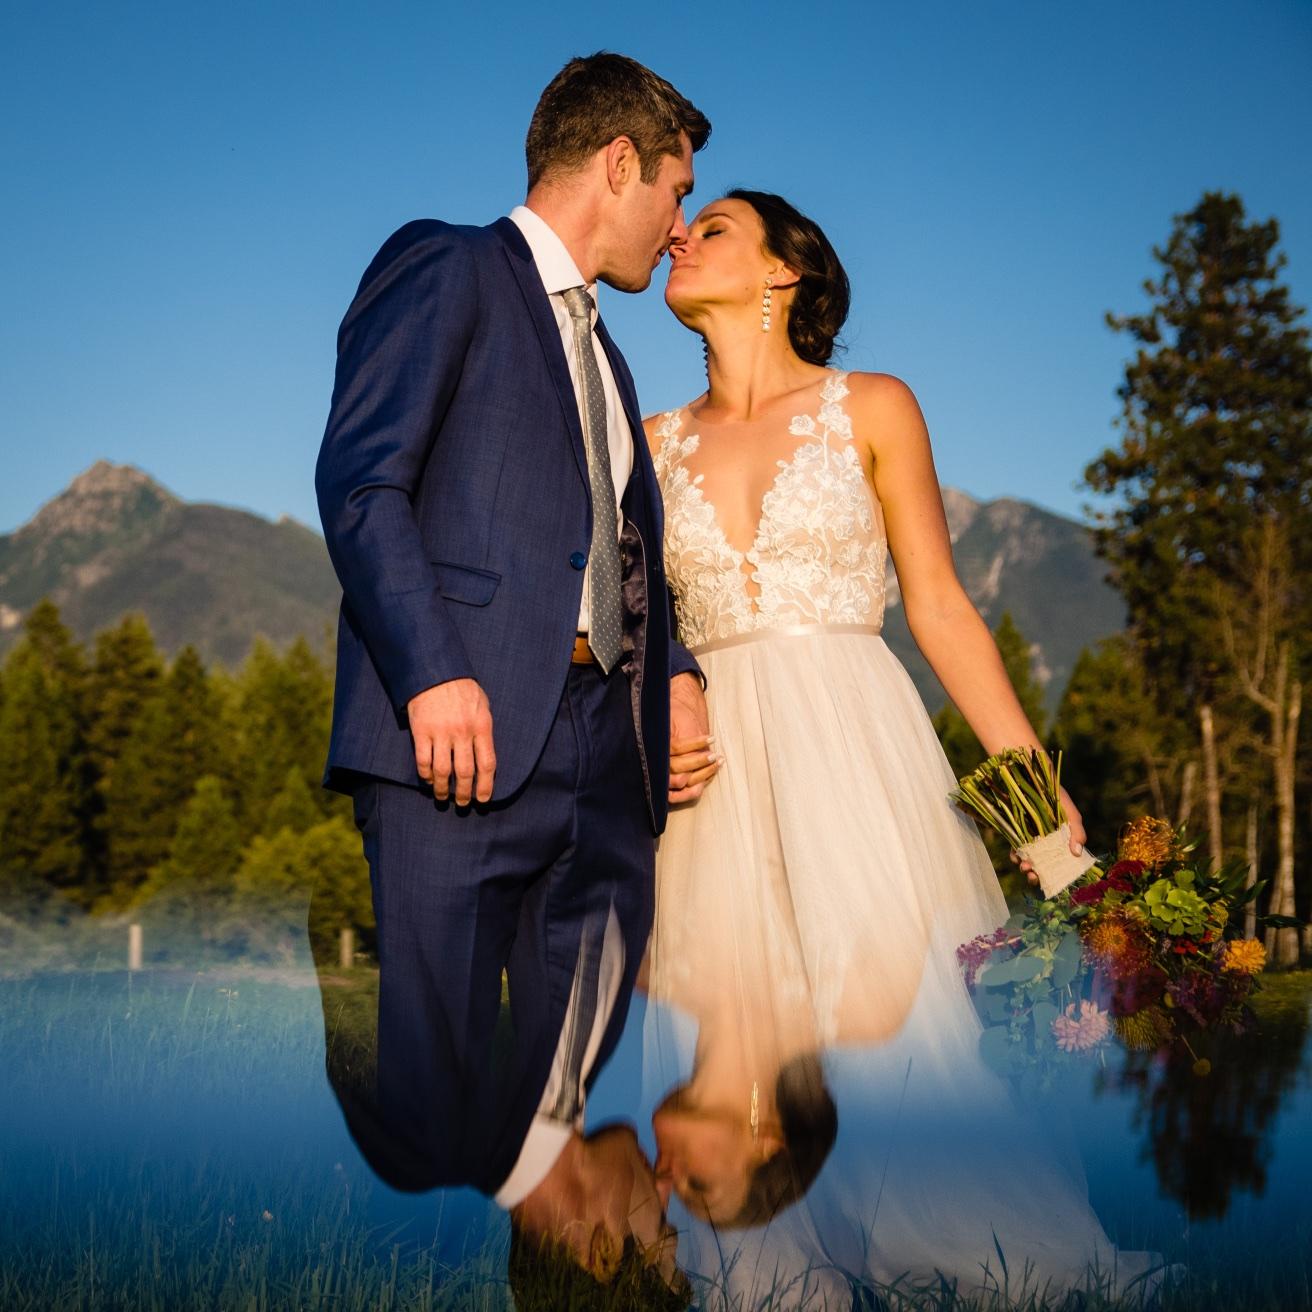 lindseyjane_weddings0129.jpg